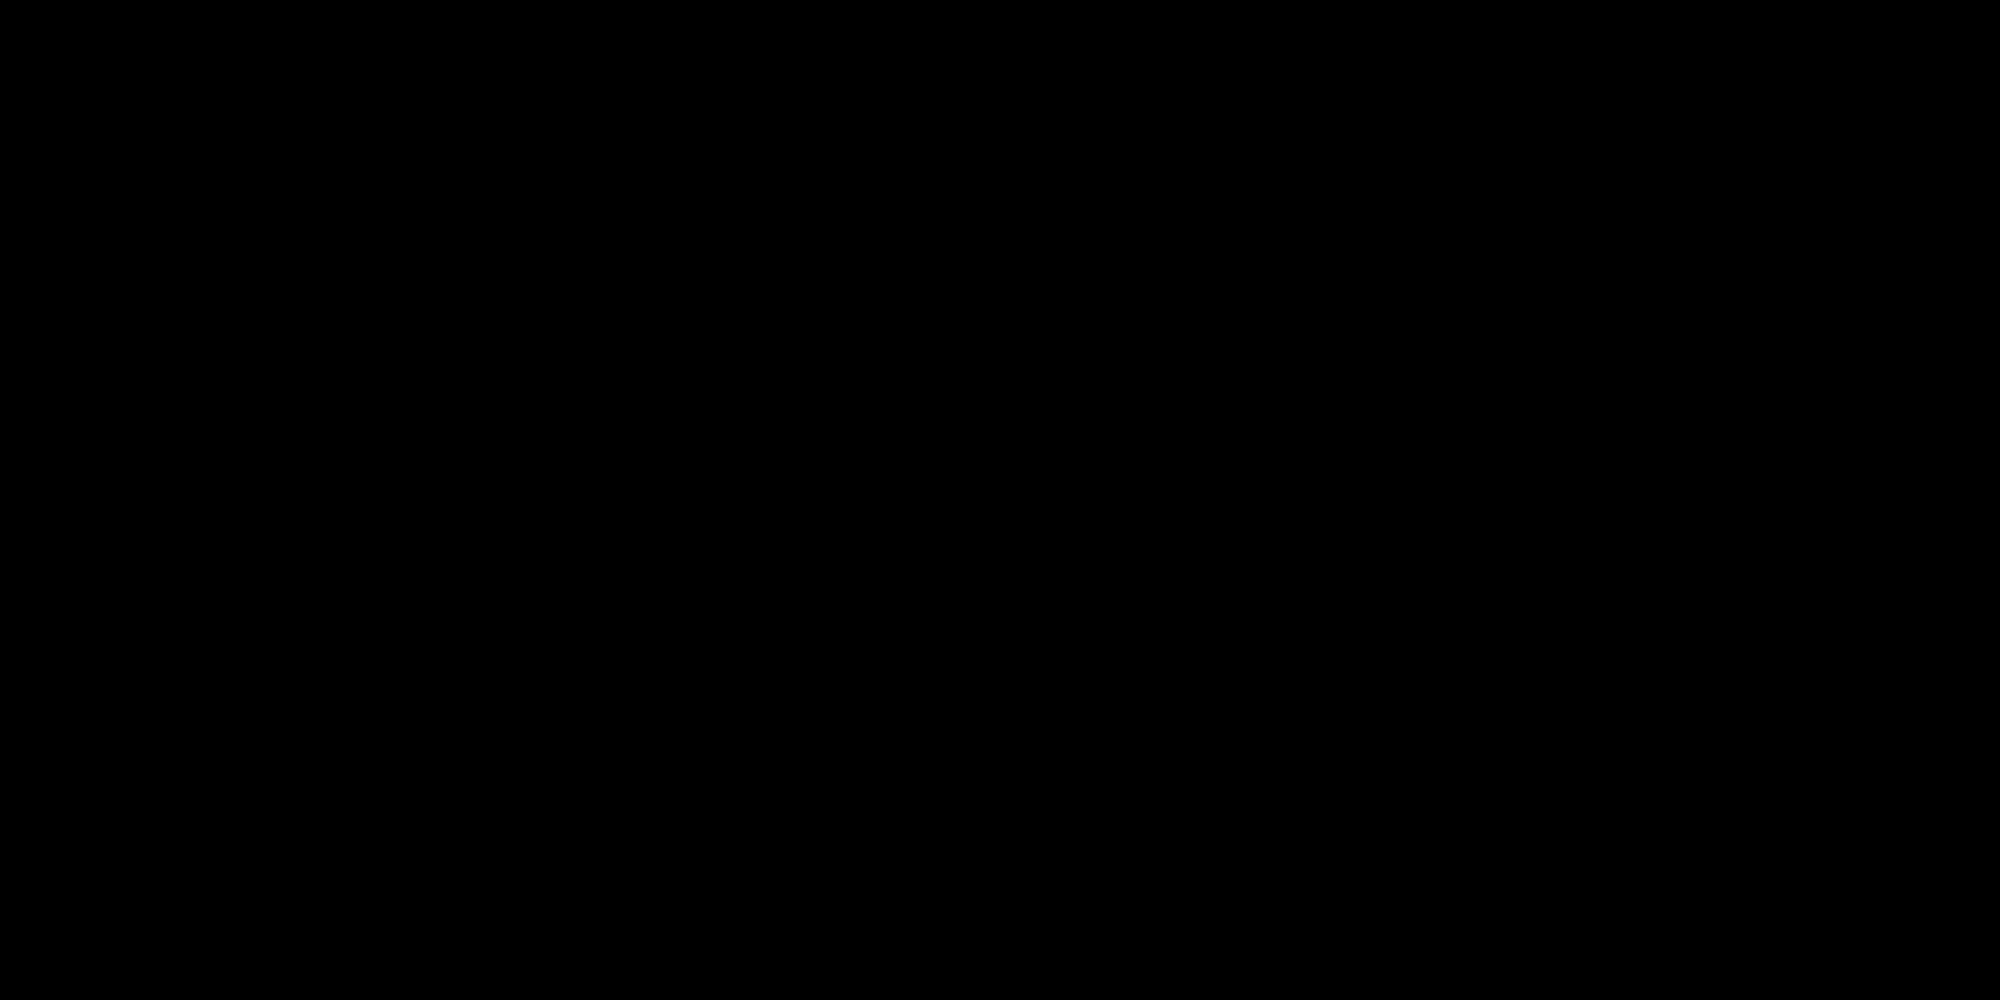 Cover image: Loop